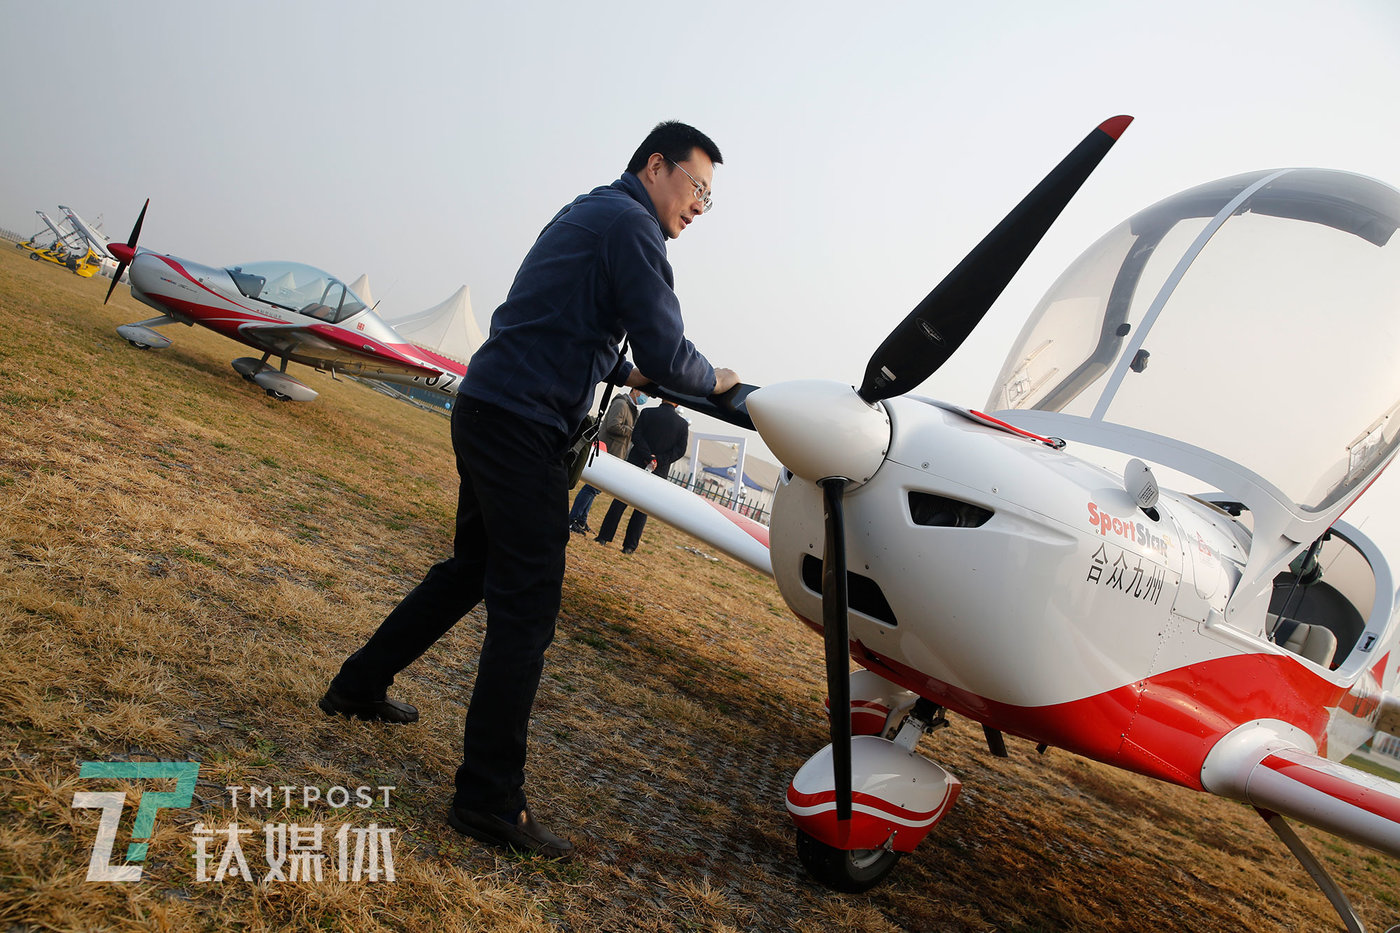 2020年11月15日,学员贺新飞行练习前对飞机进行检查。